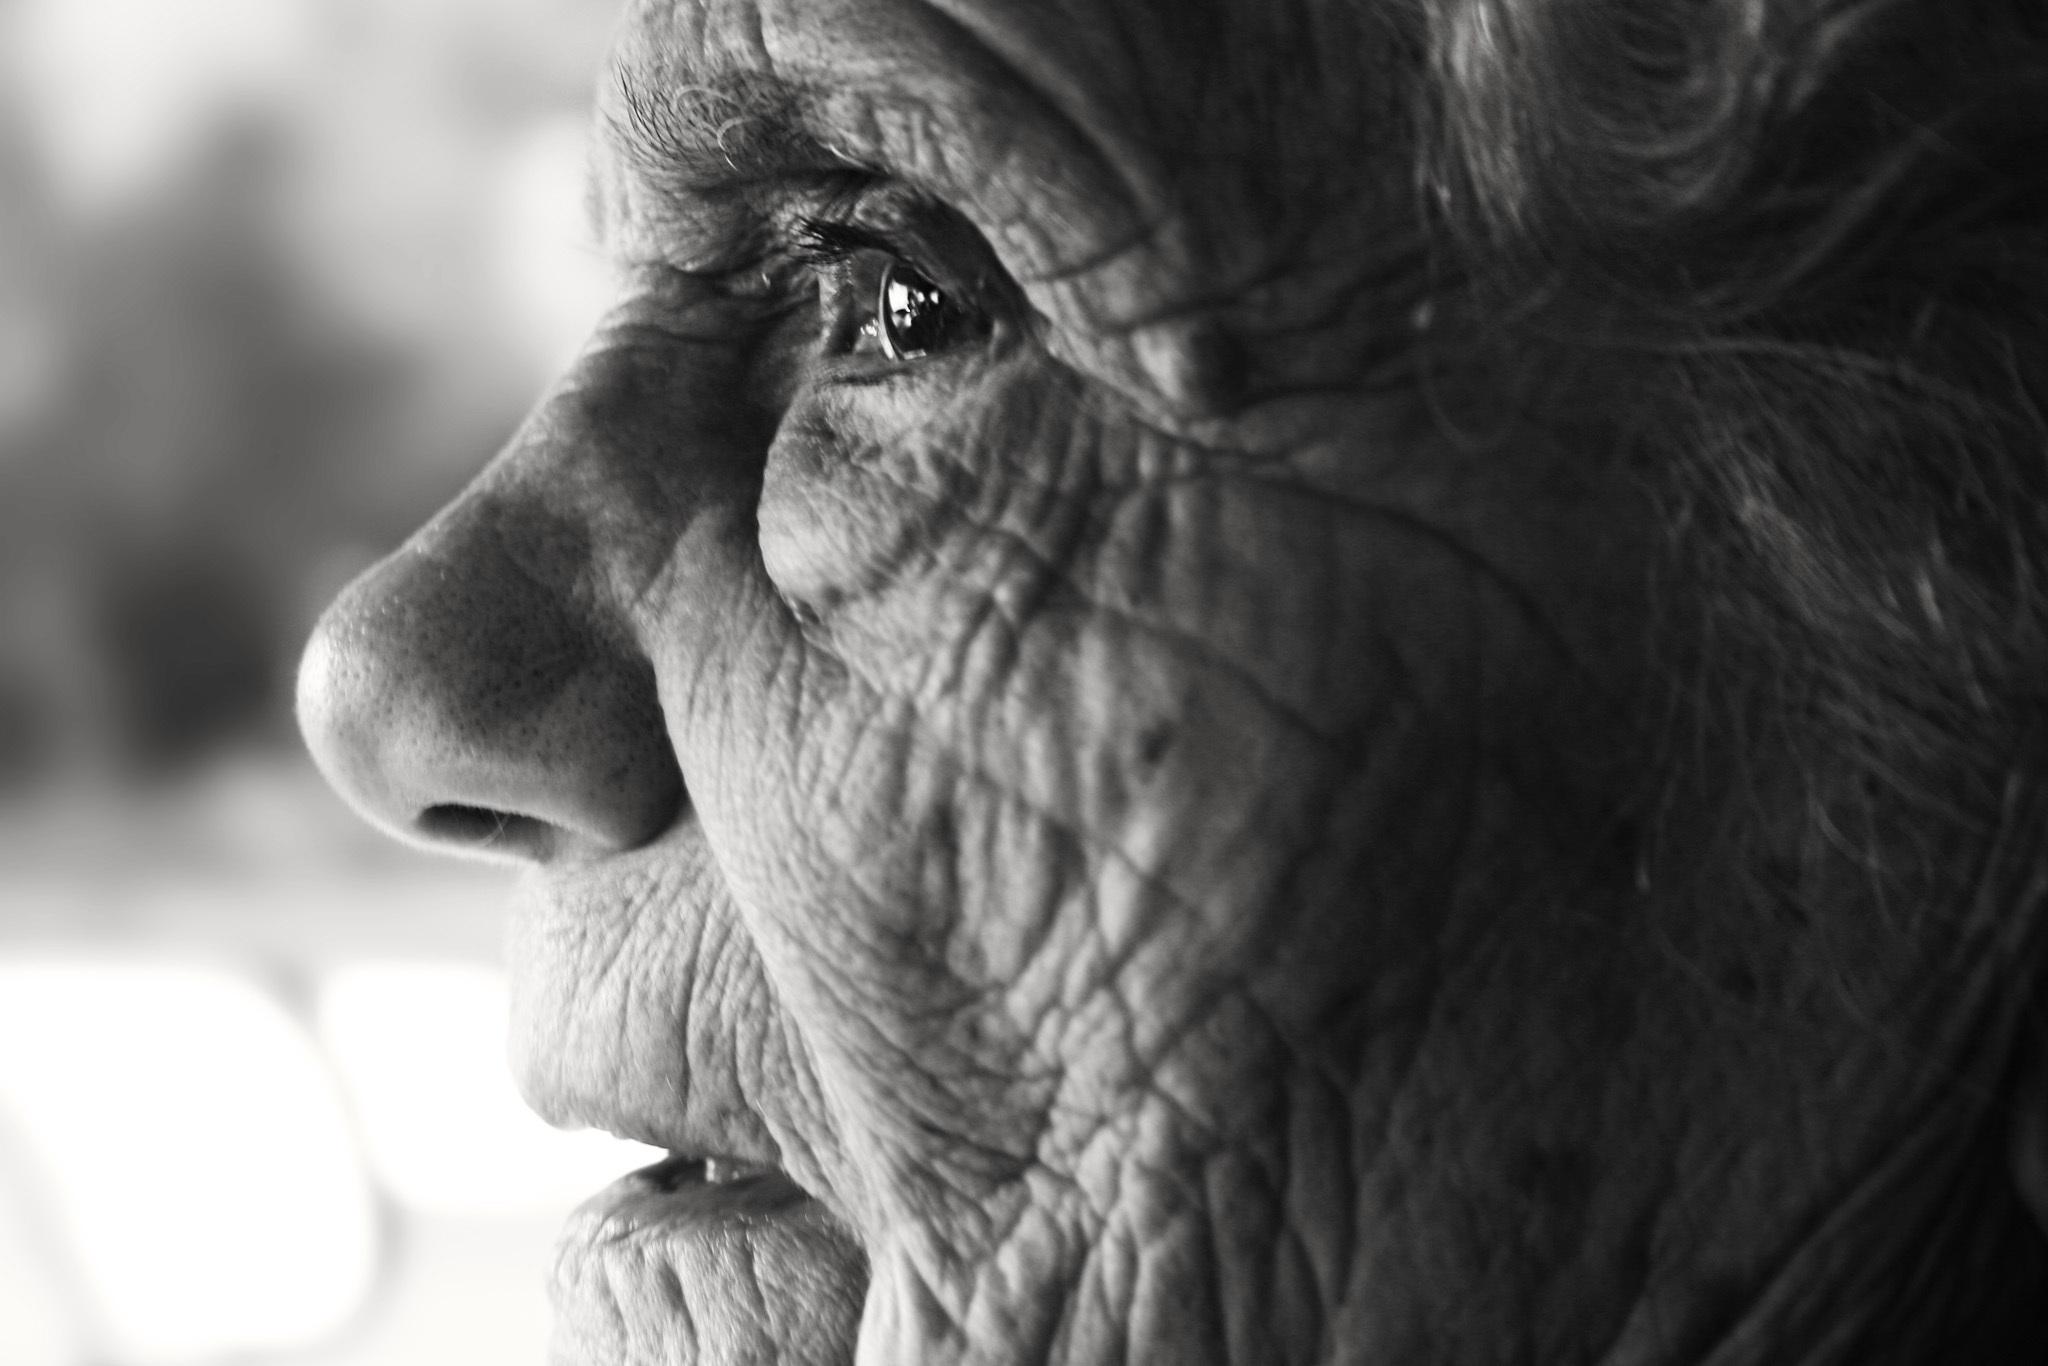 怎样才能有效预防老年痴呆